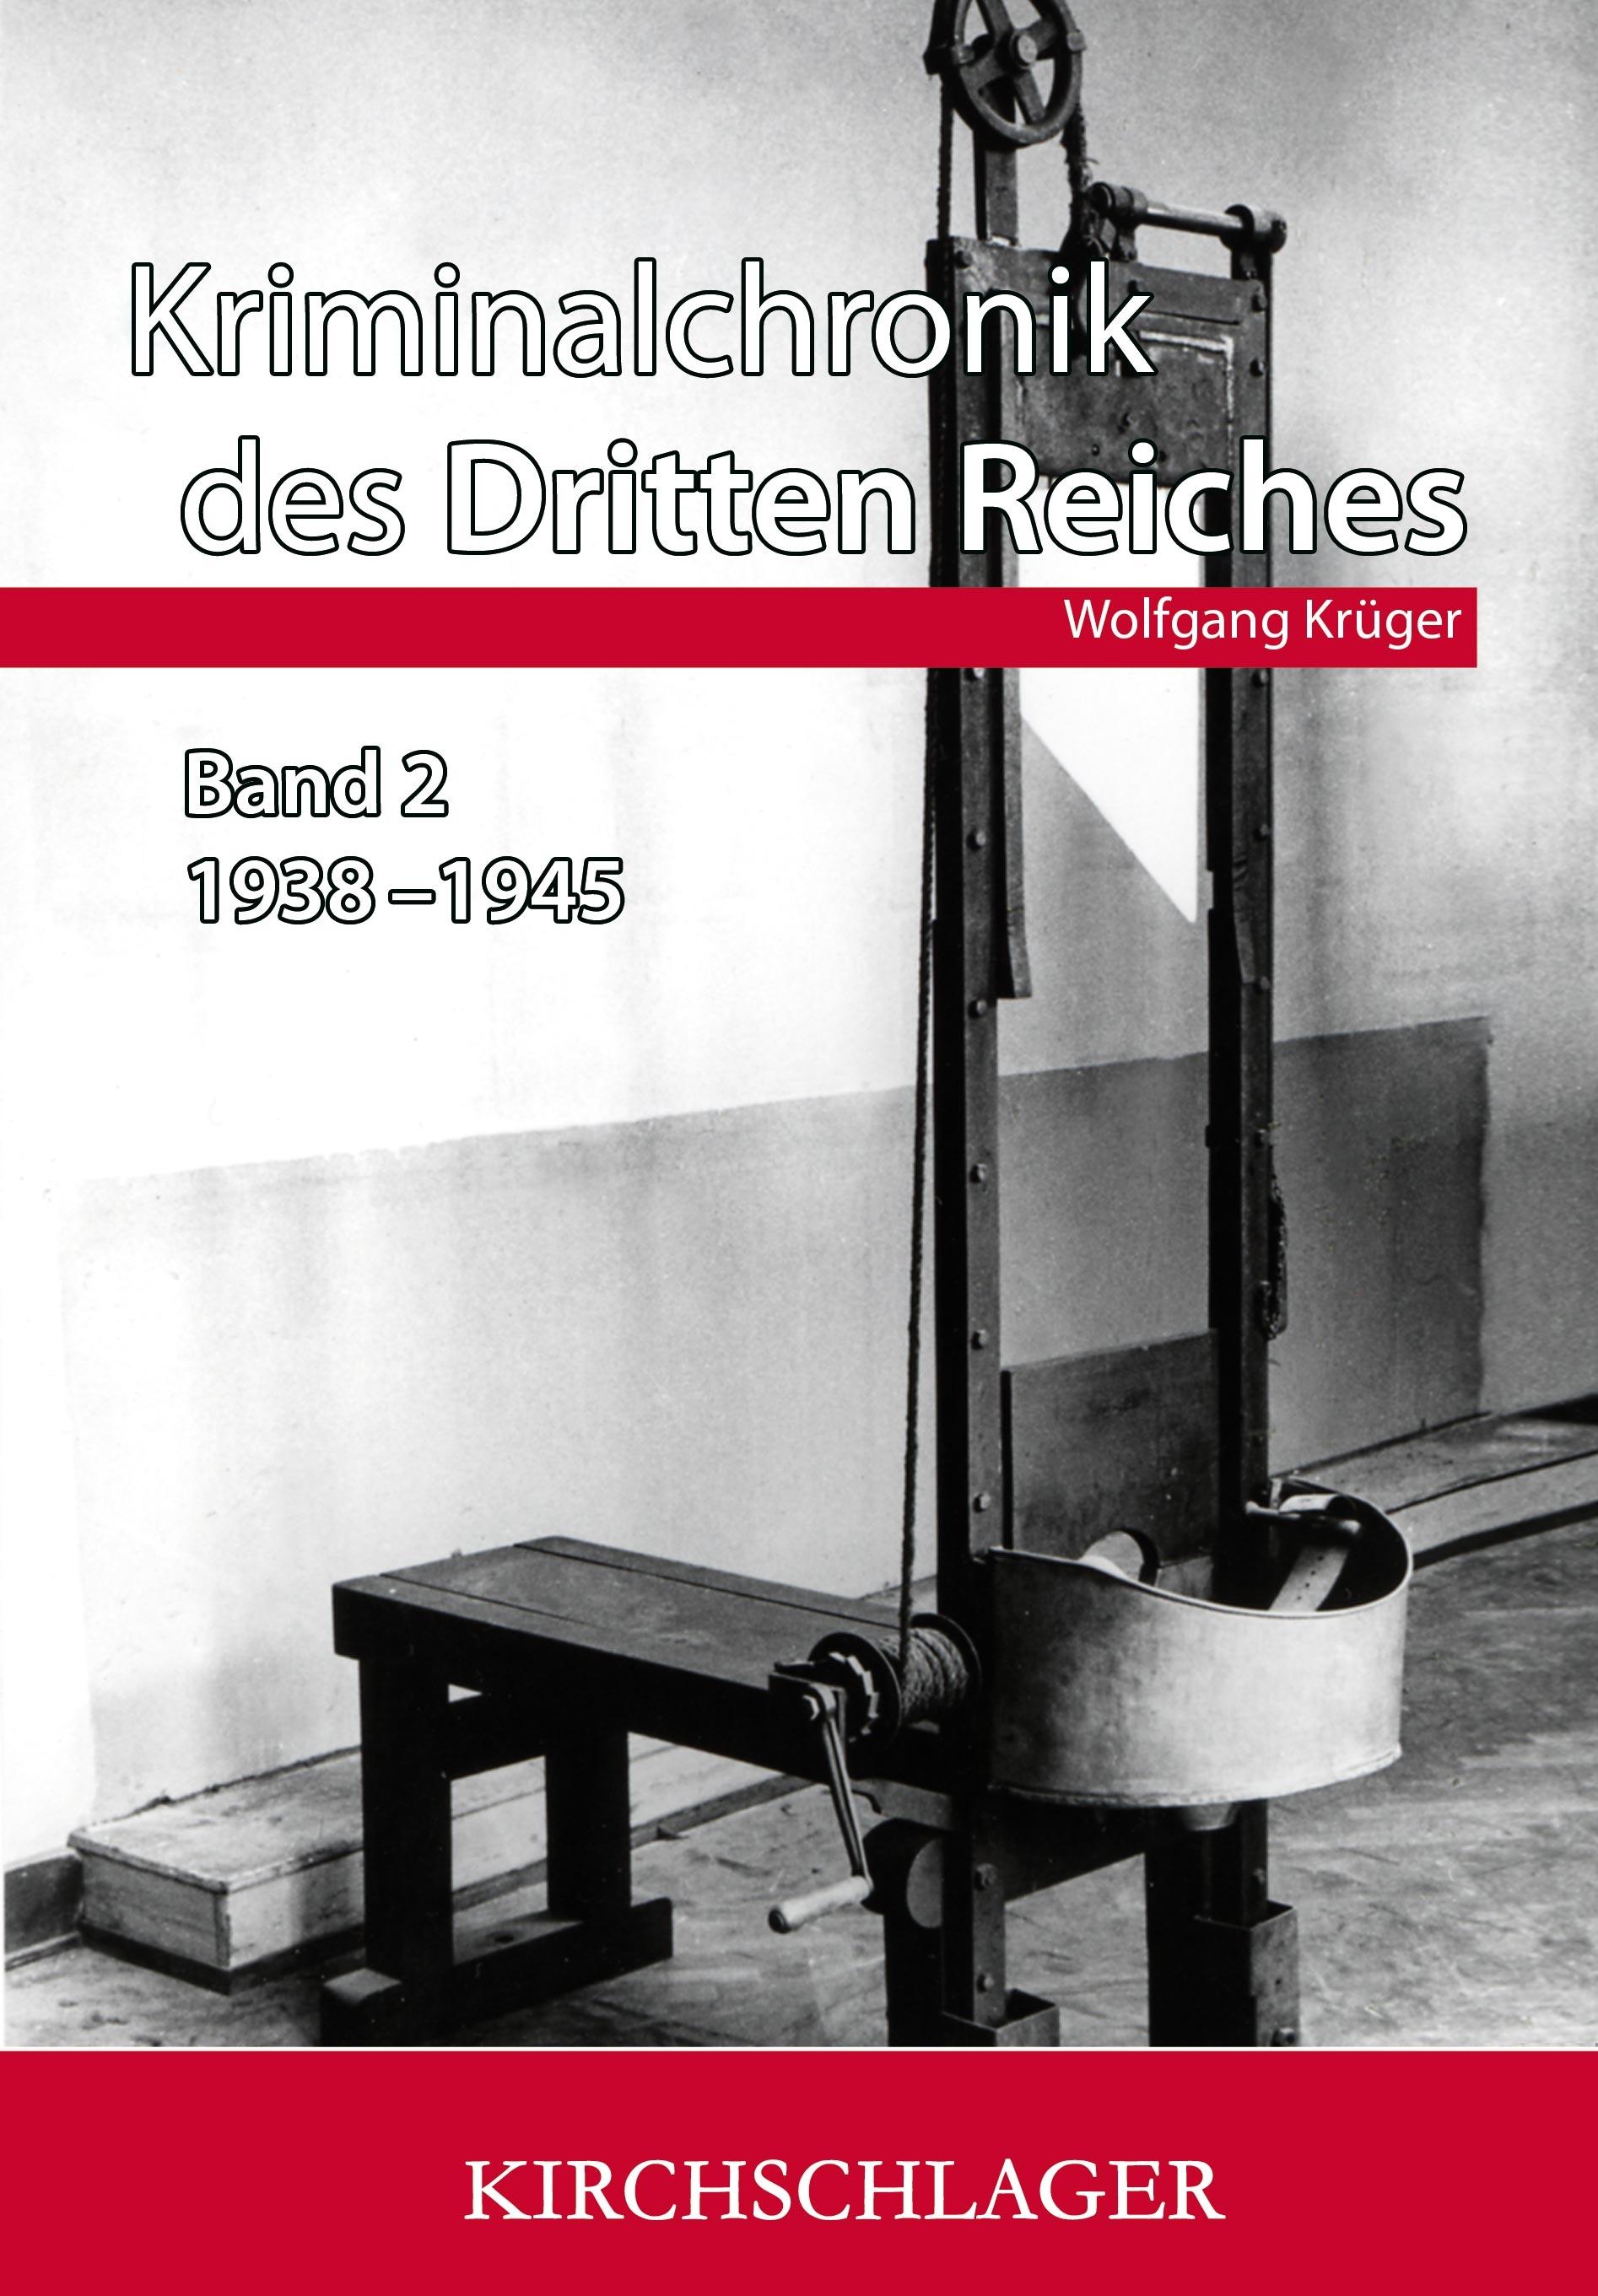 Kriminalchronik des Dritten Reiches Band II von Wolfgang Krüger